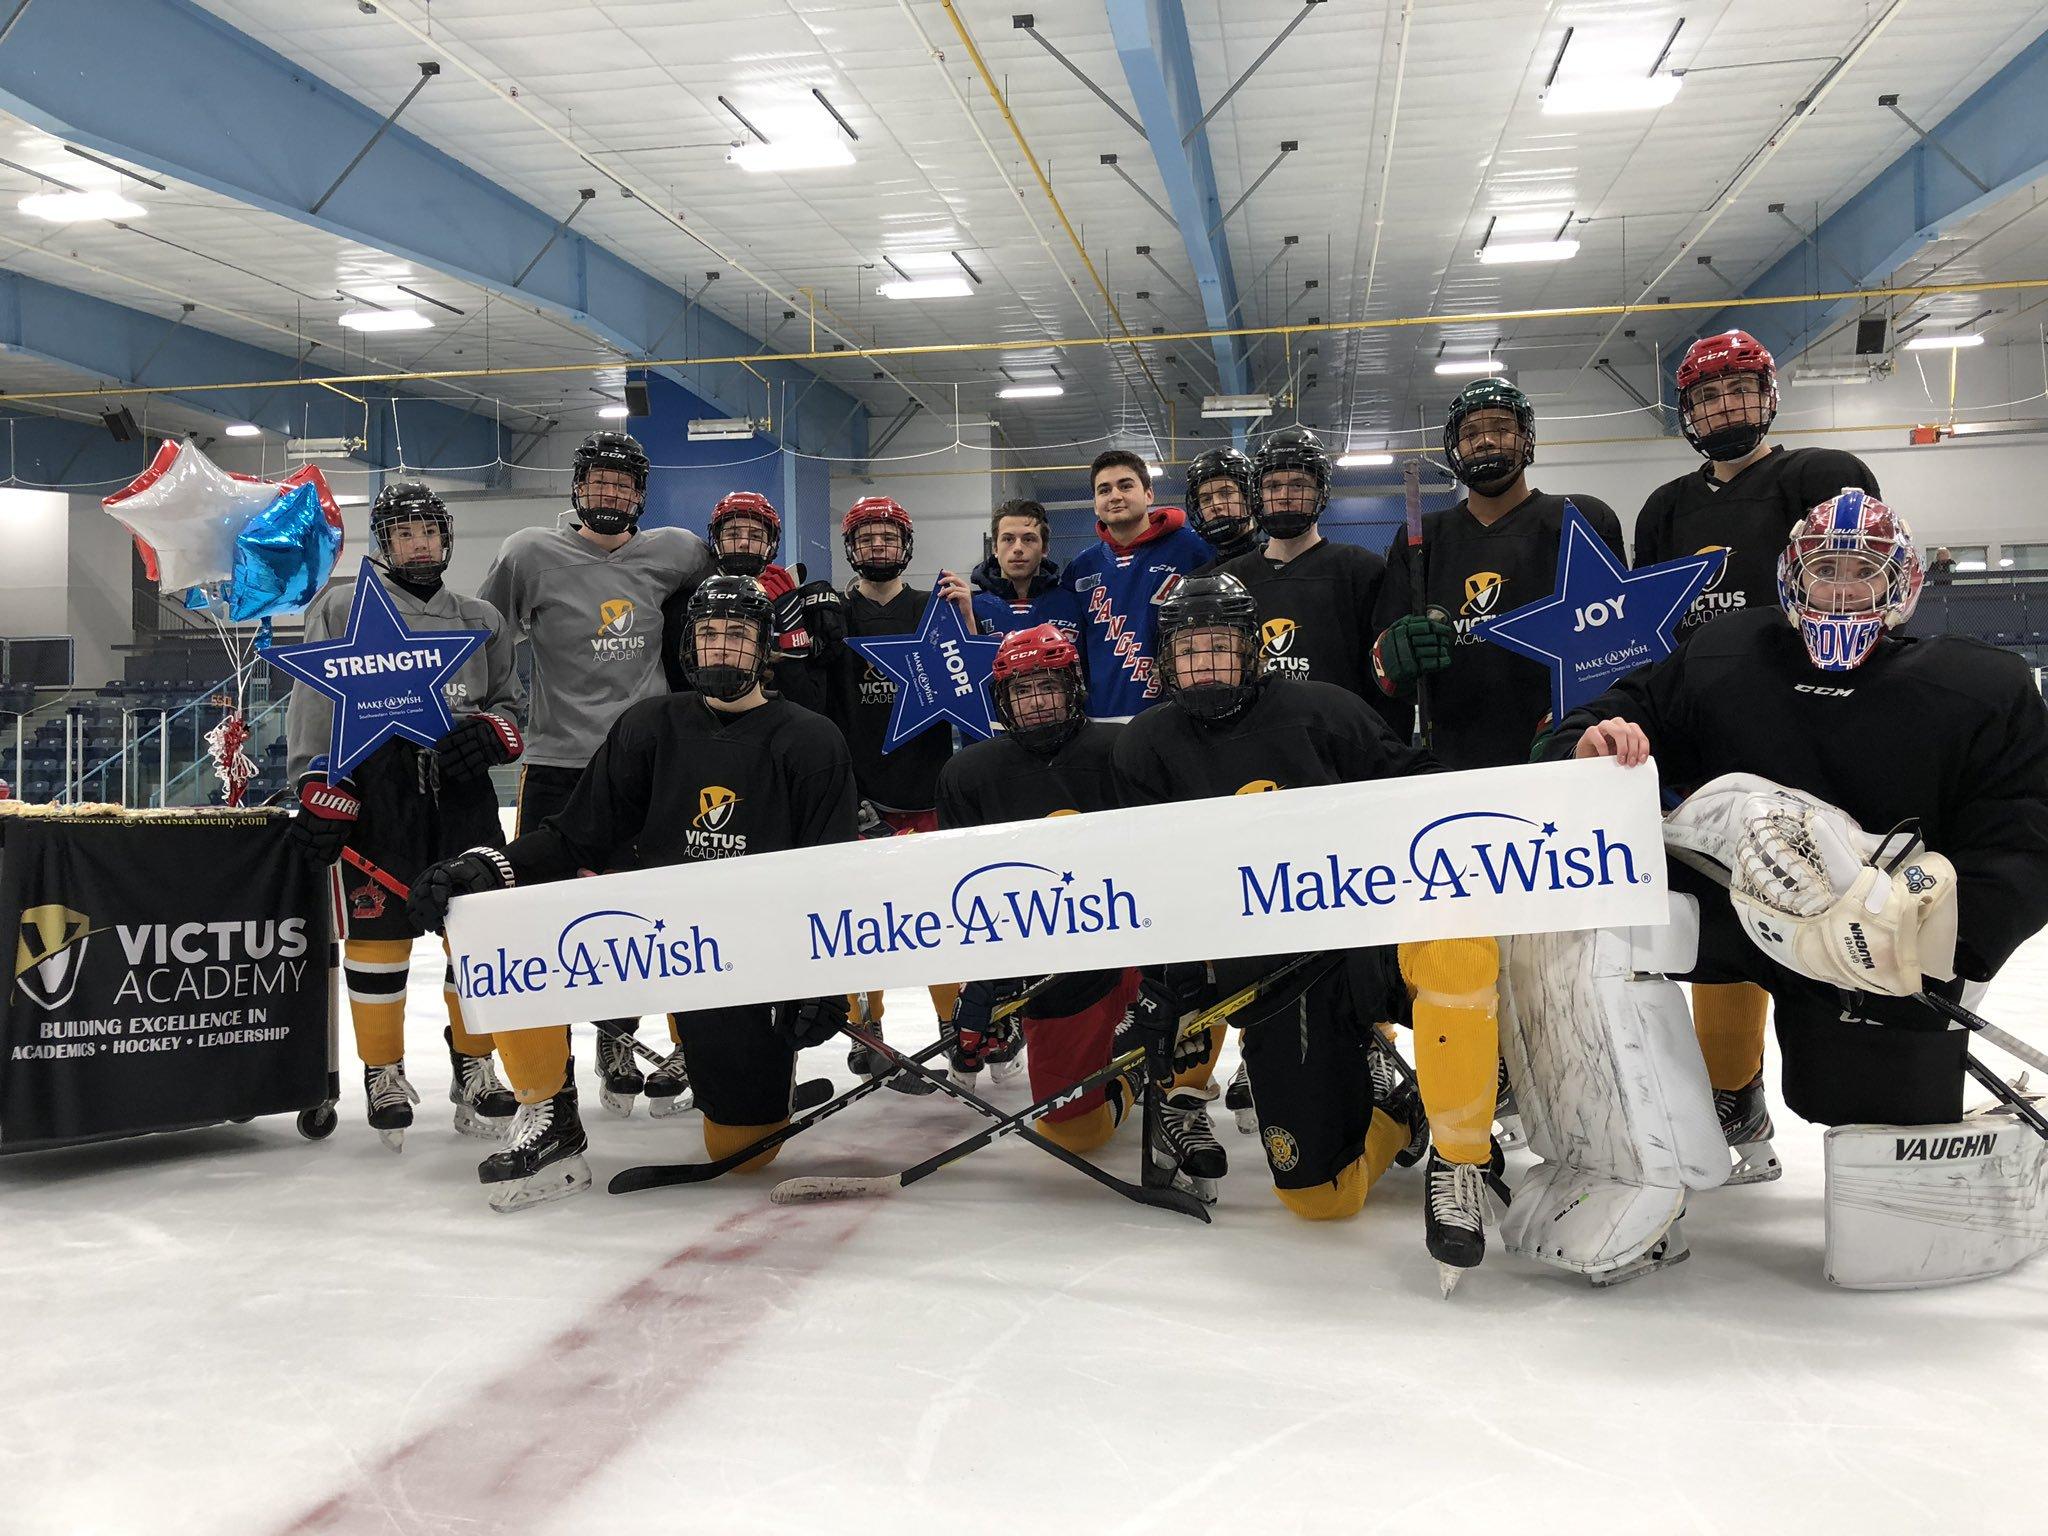 Make-A-Wish makes local hockey fan's wish come true